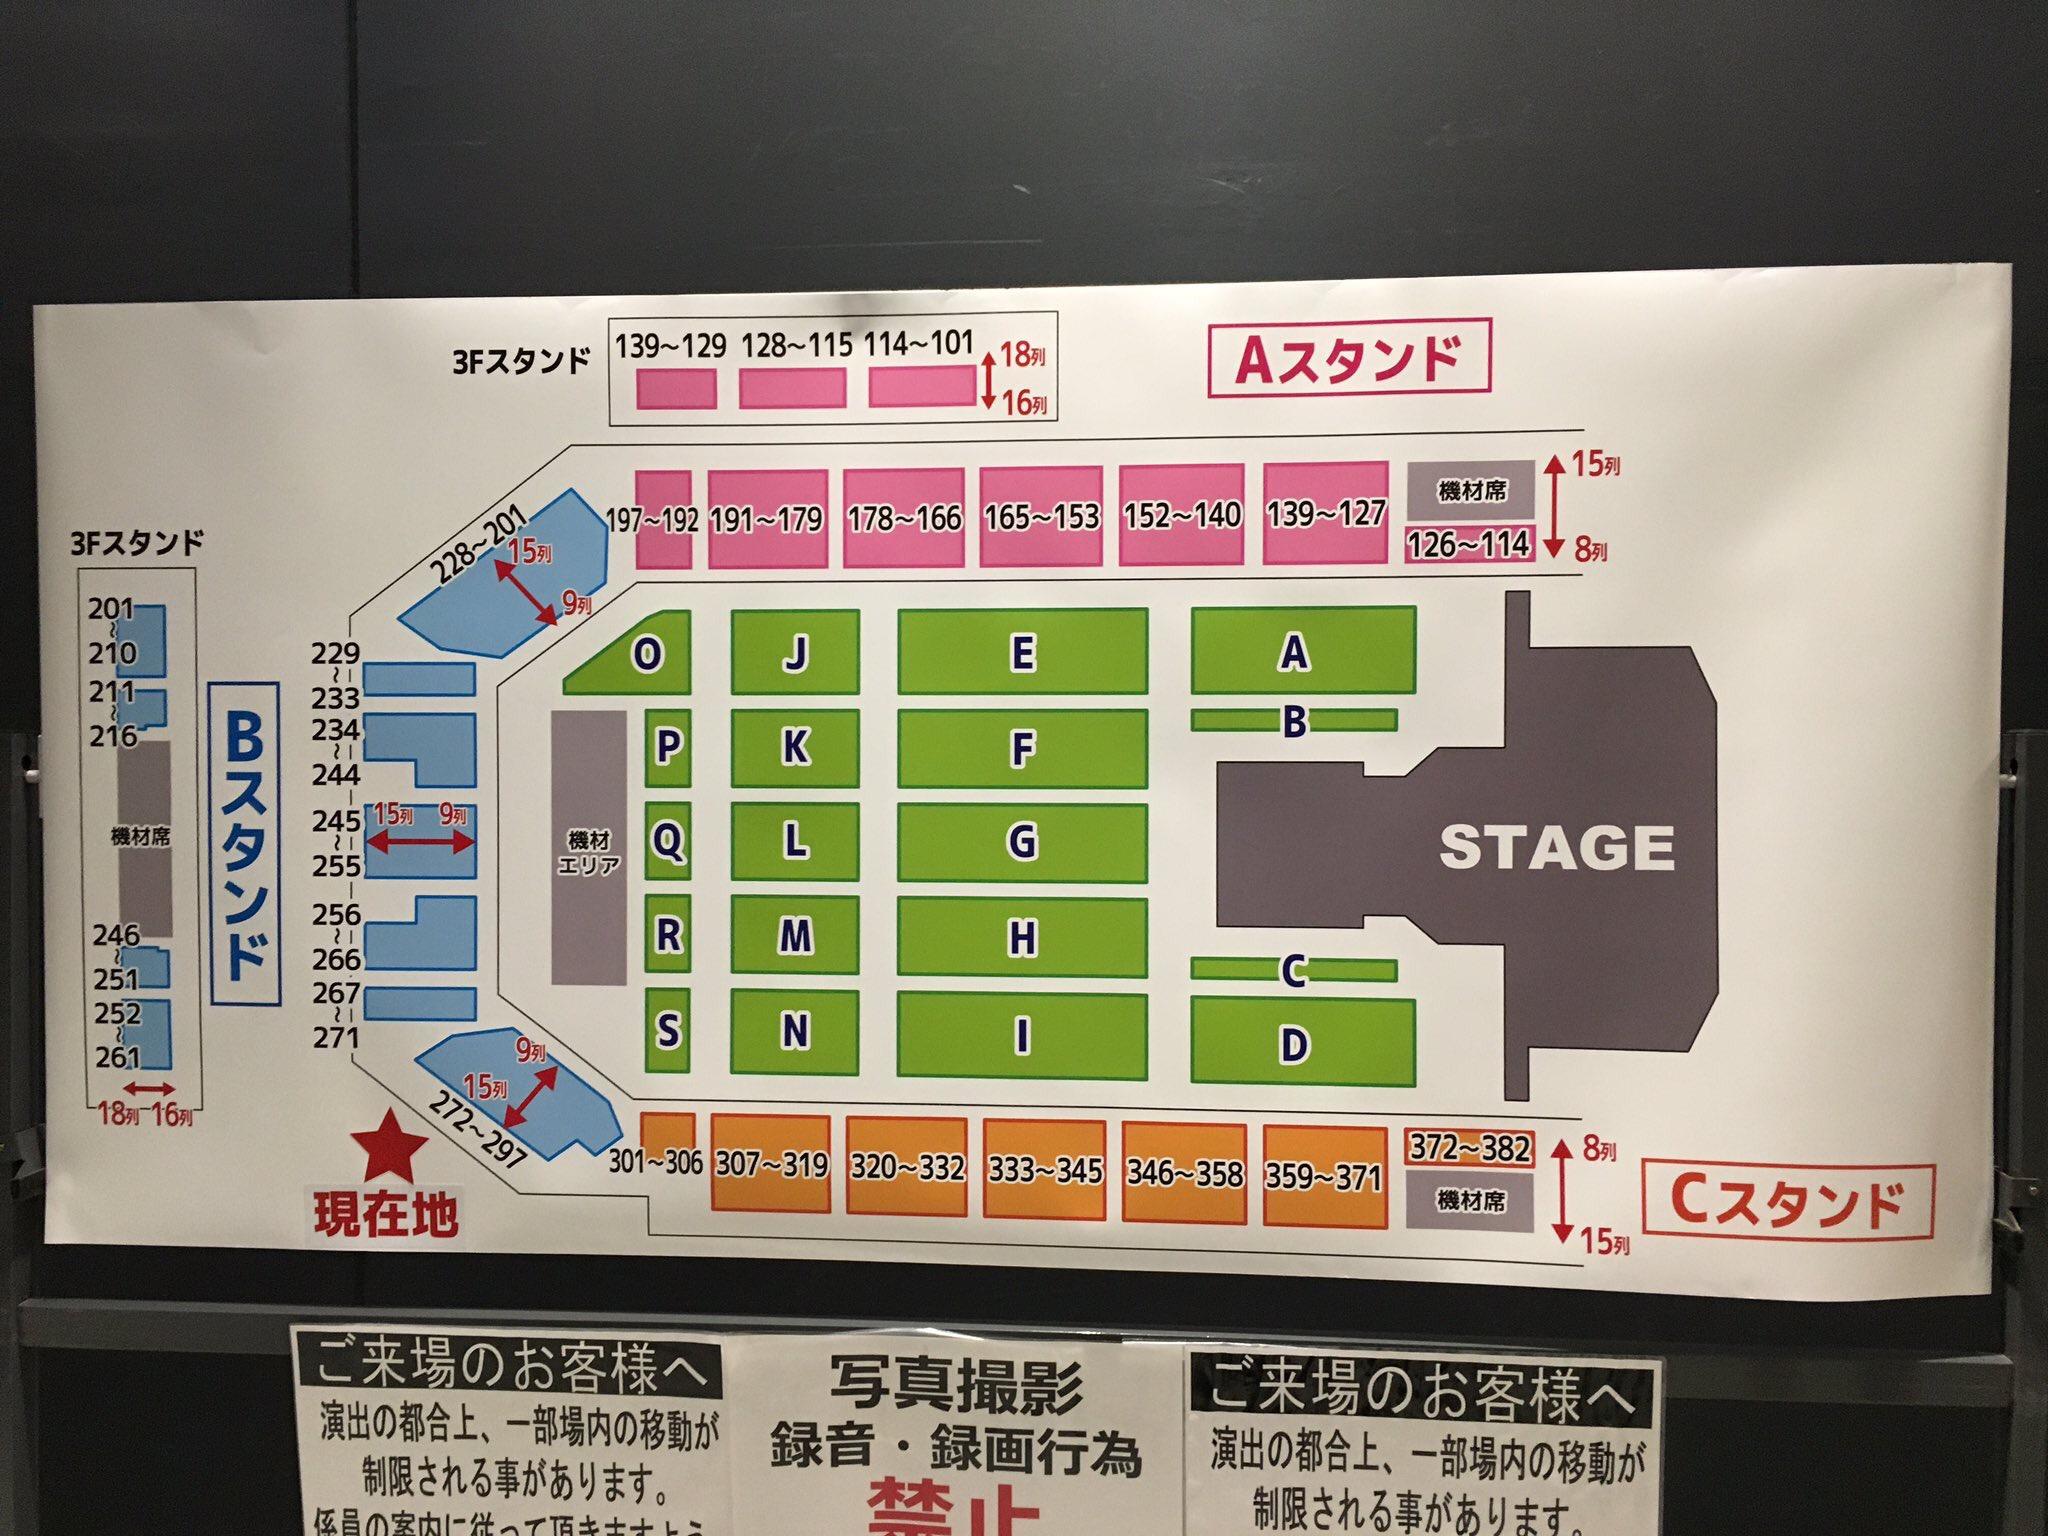 乃木坂46 真夏の全国ツアー2017 ゼビオアリーナ仙台 座席表